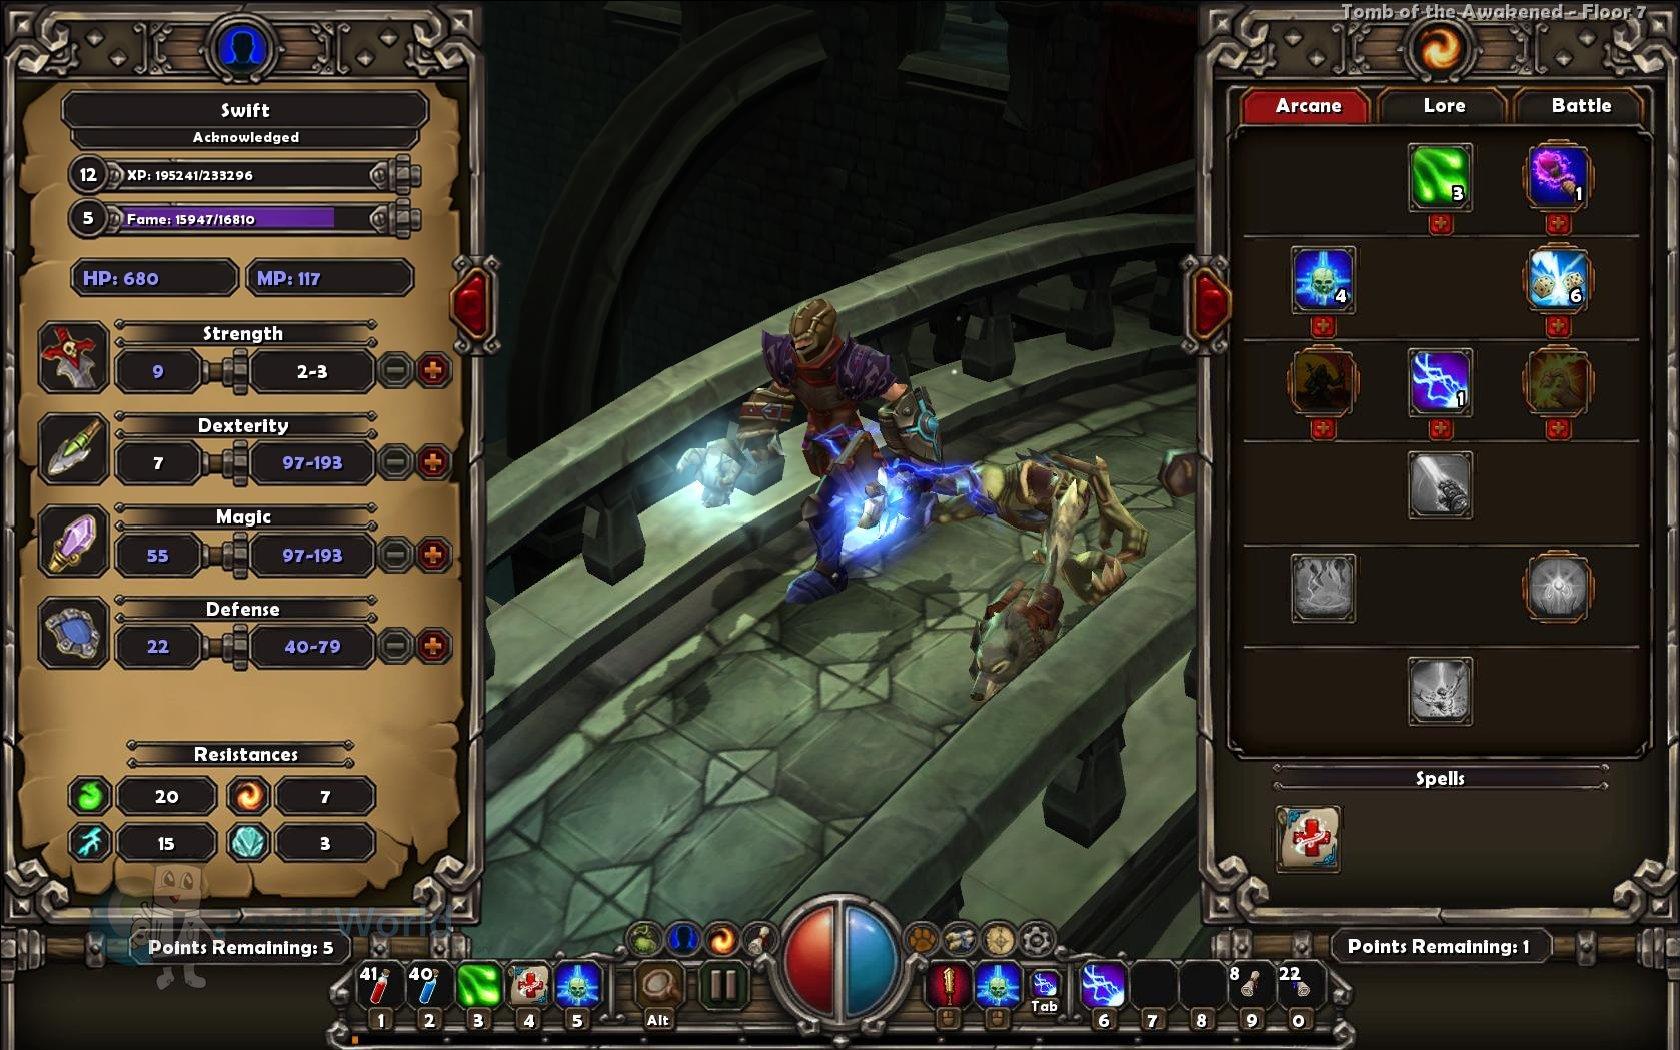 Torchlight Stats and Skills